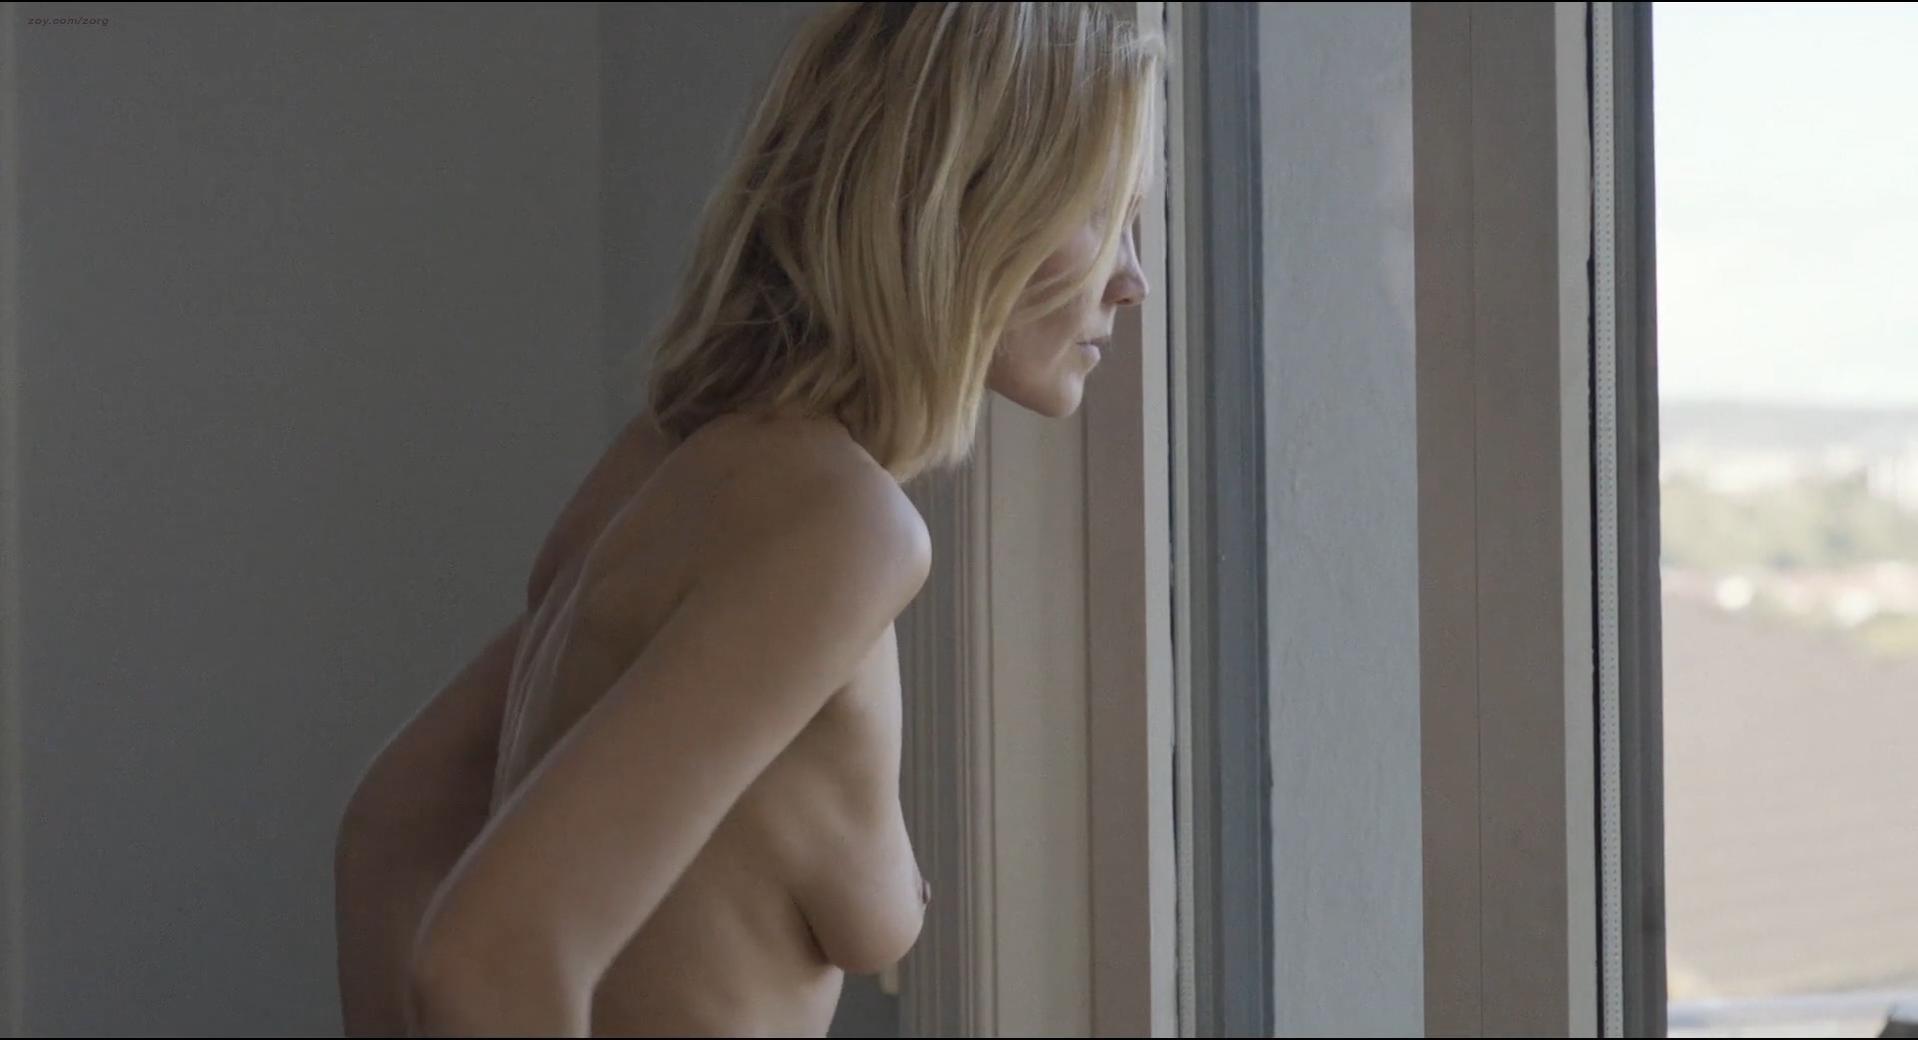 Ellen Dorrit Petersen nude, Vera Vitali nude - Blind (2014)